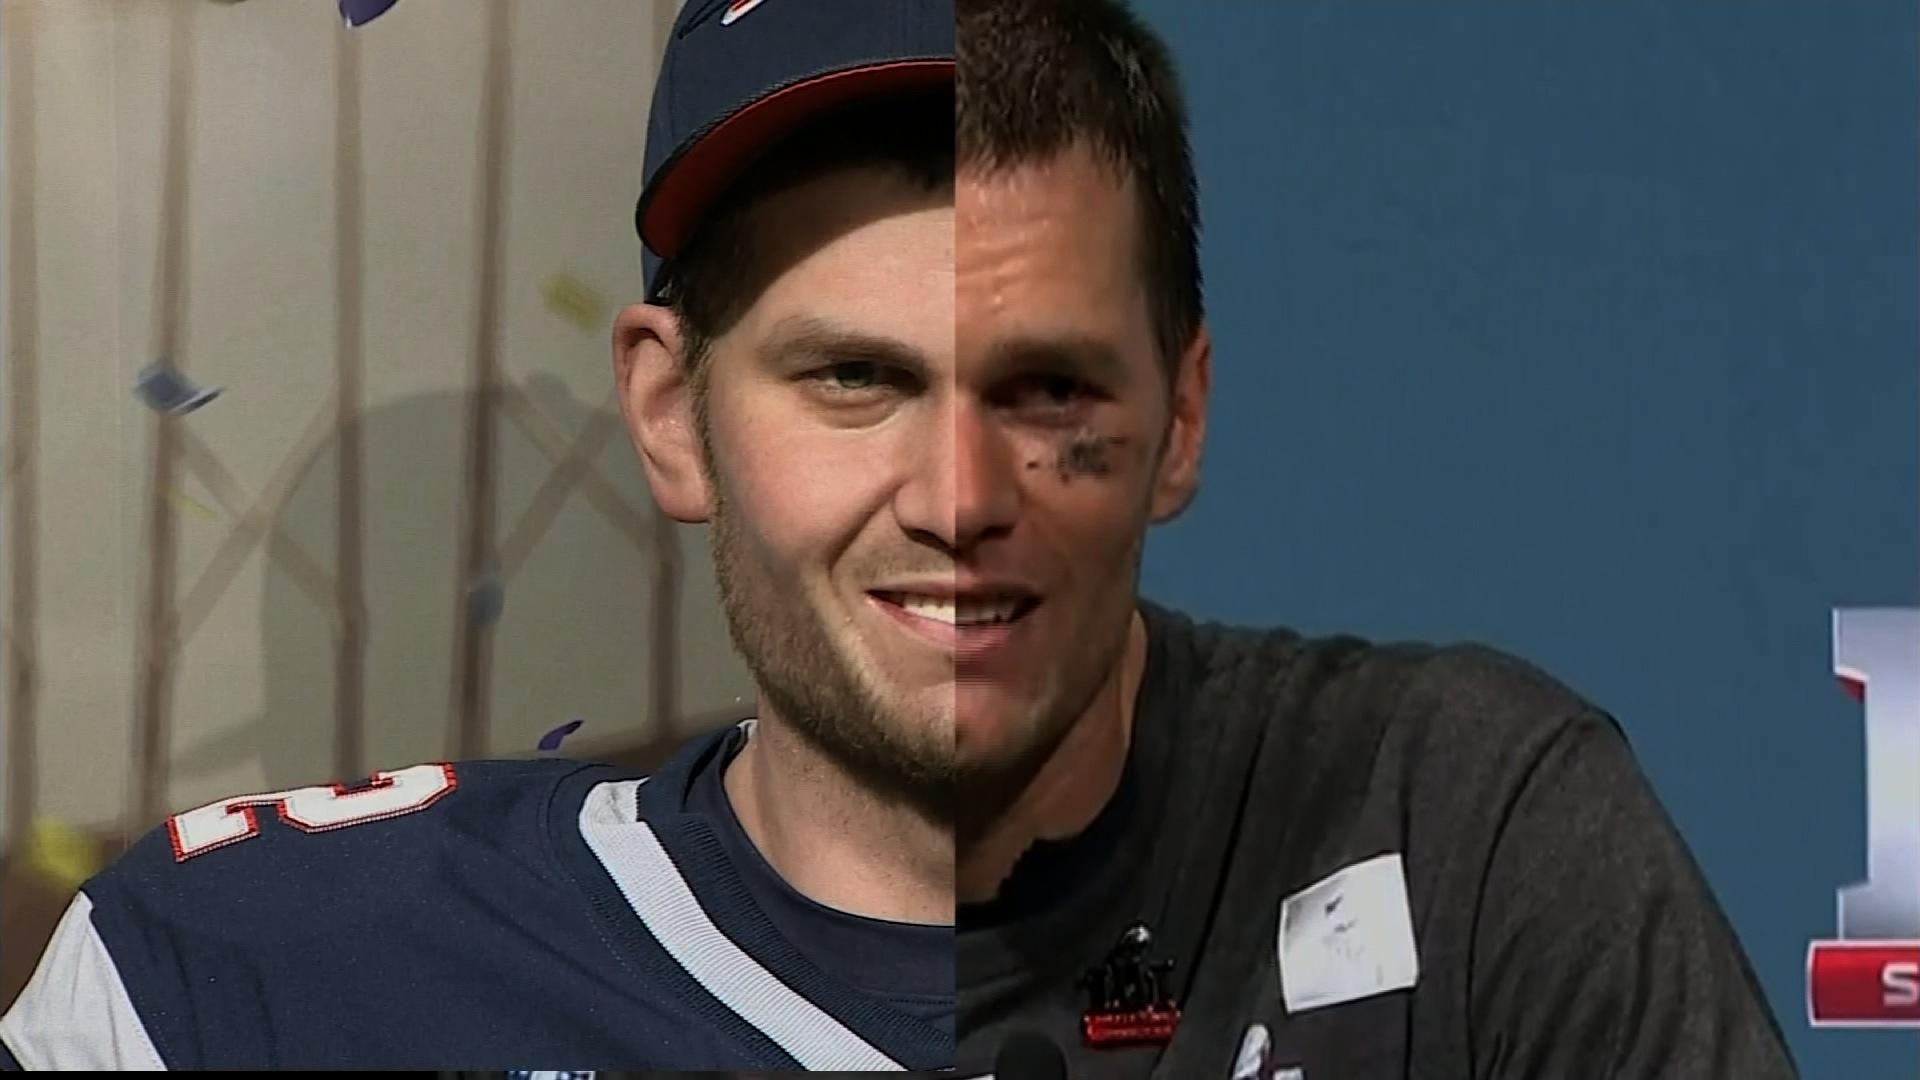 Fans melt down over Tom Brady wax figure CNN Video